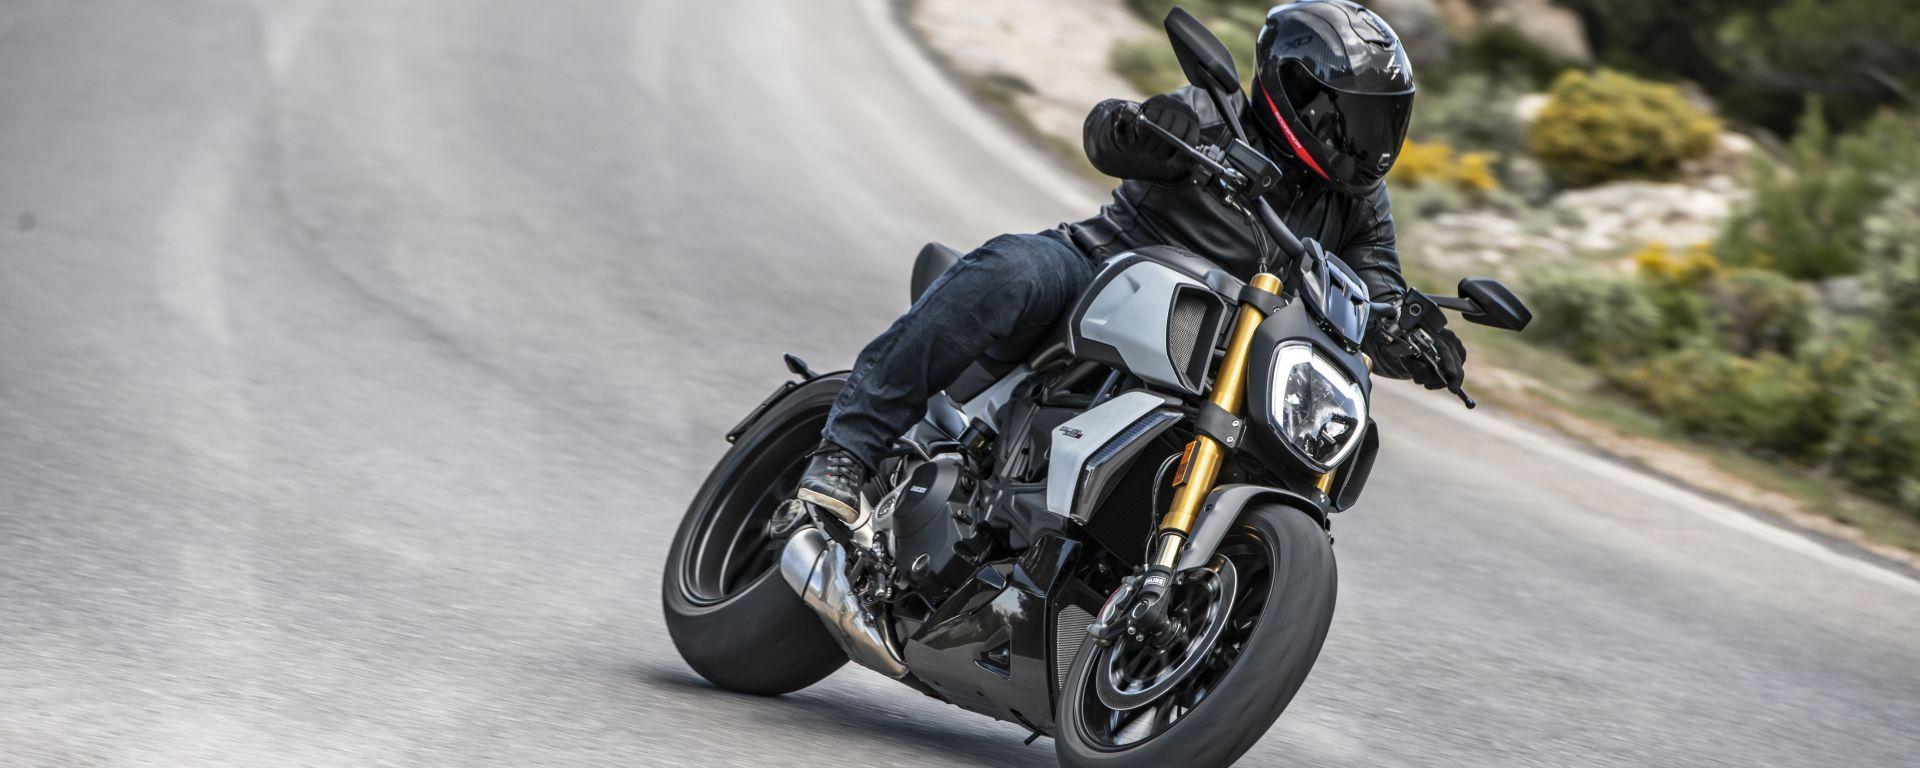 Ducati Diavel 1260 2019: le opinioni dopo la prova su strada